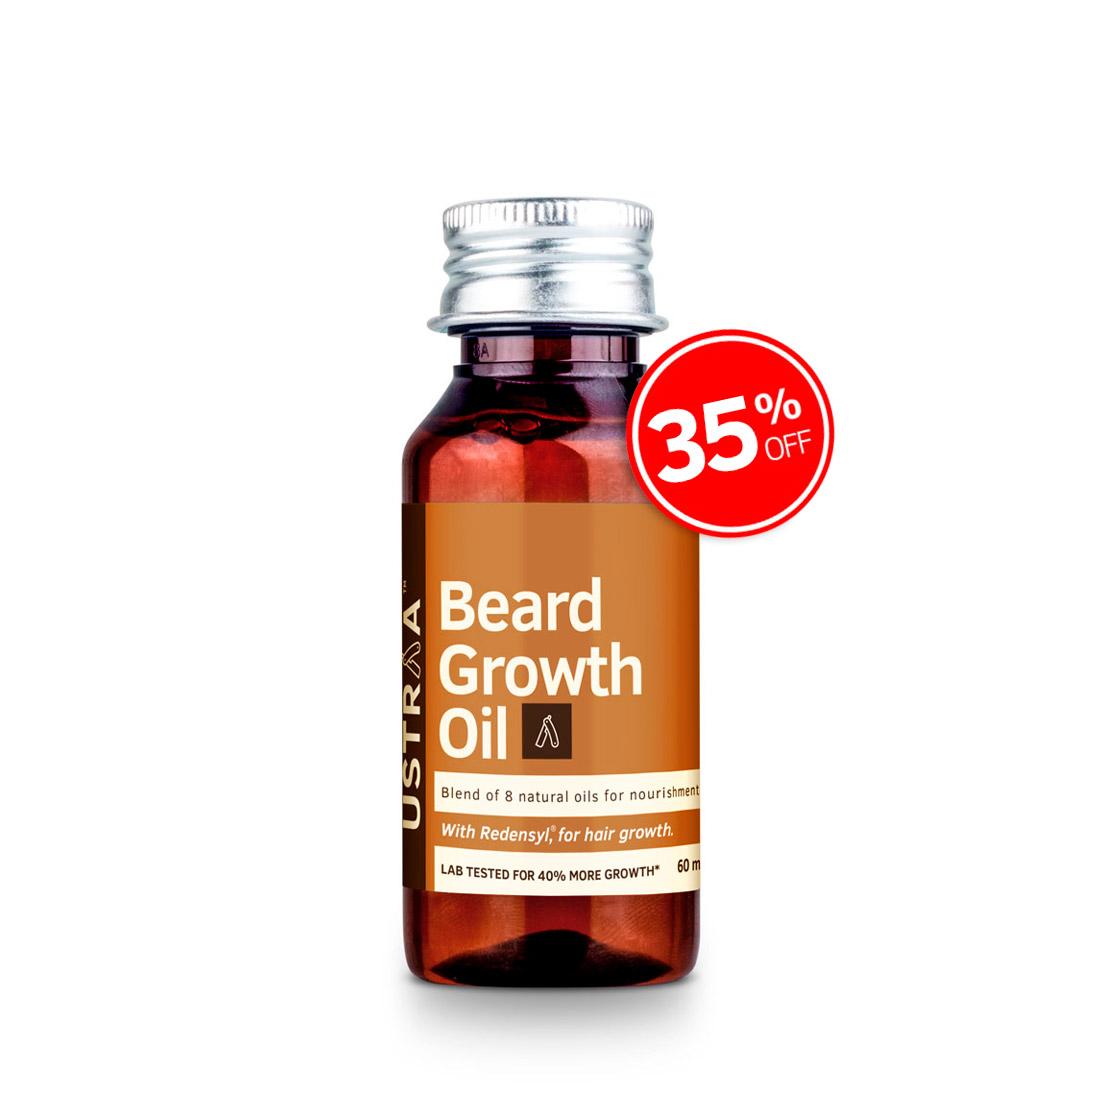 Beard Growth Oil - 60 ml